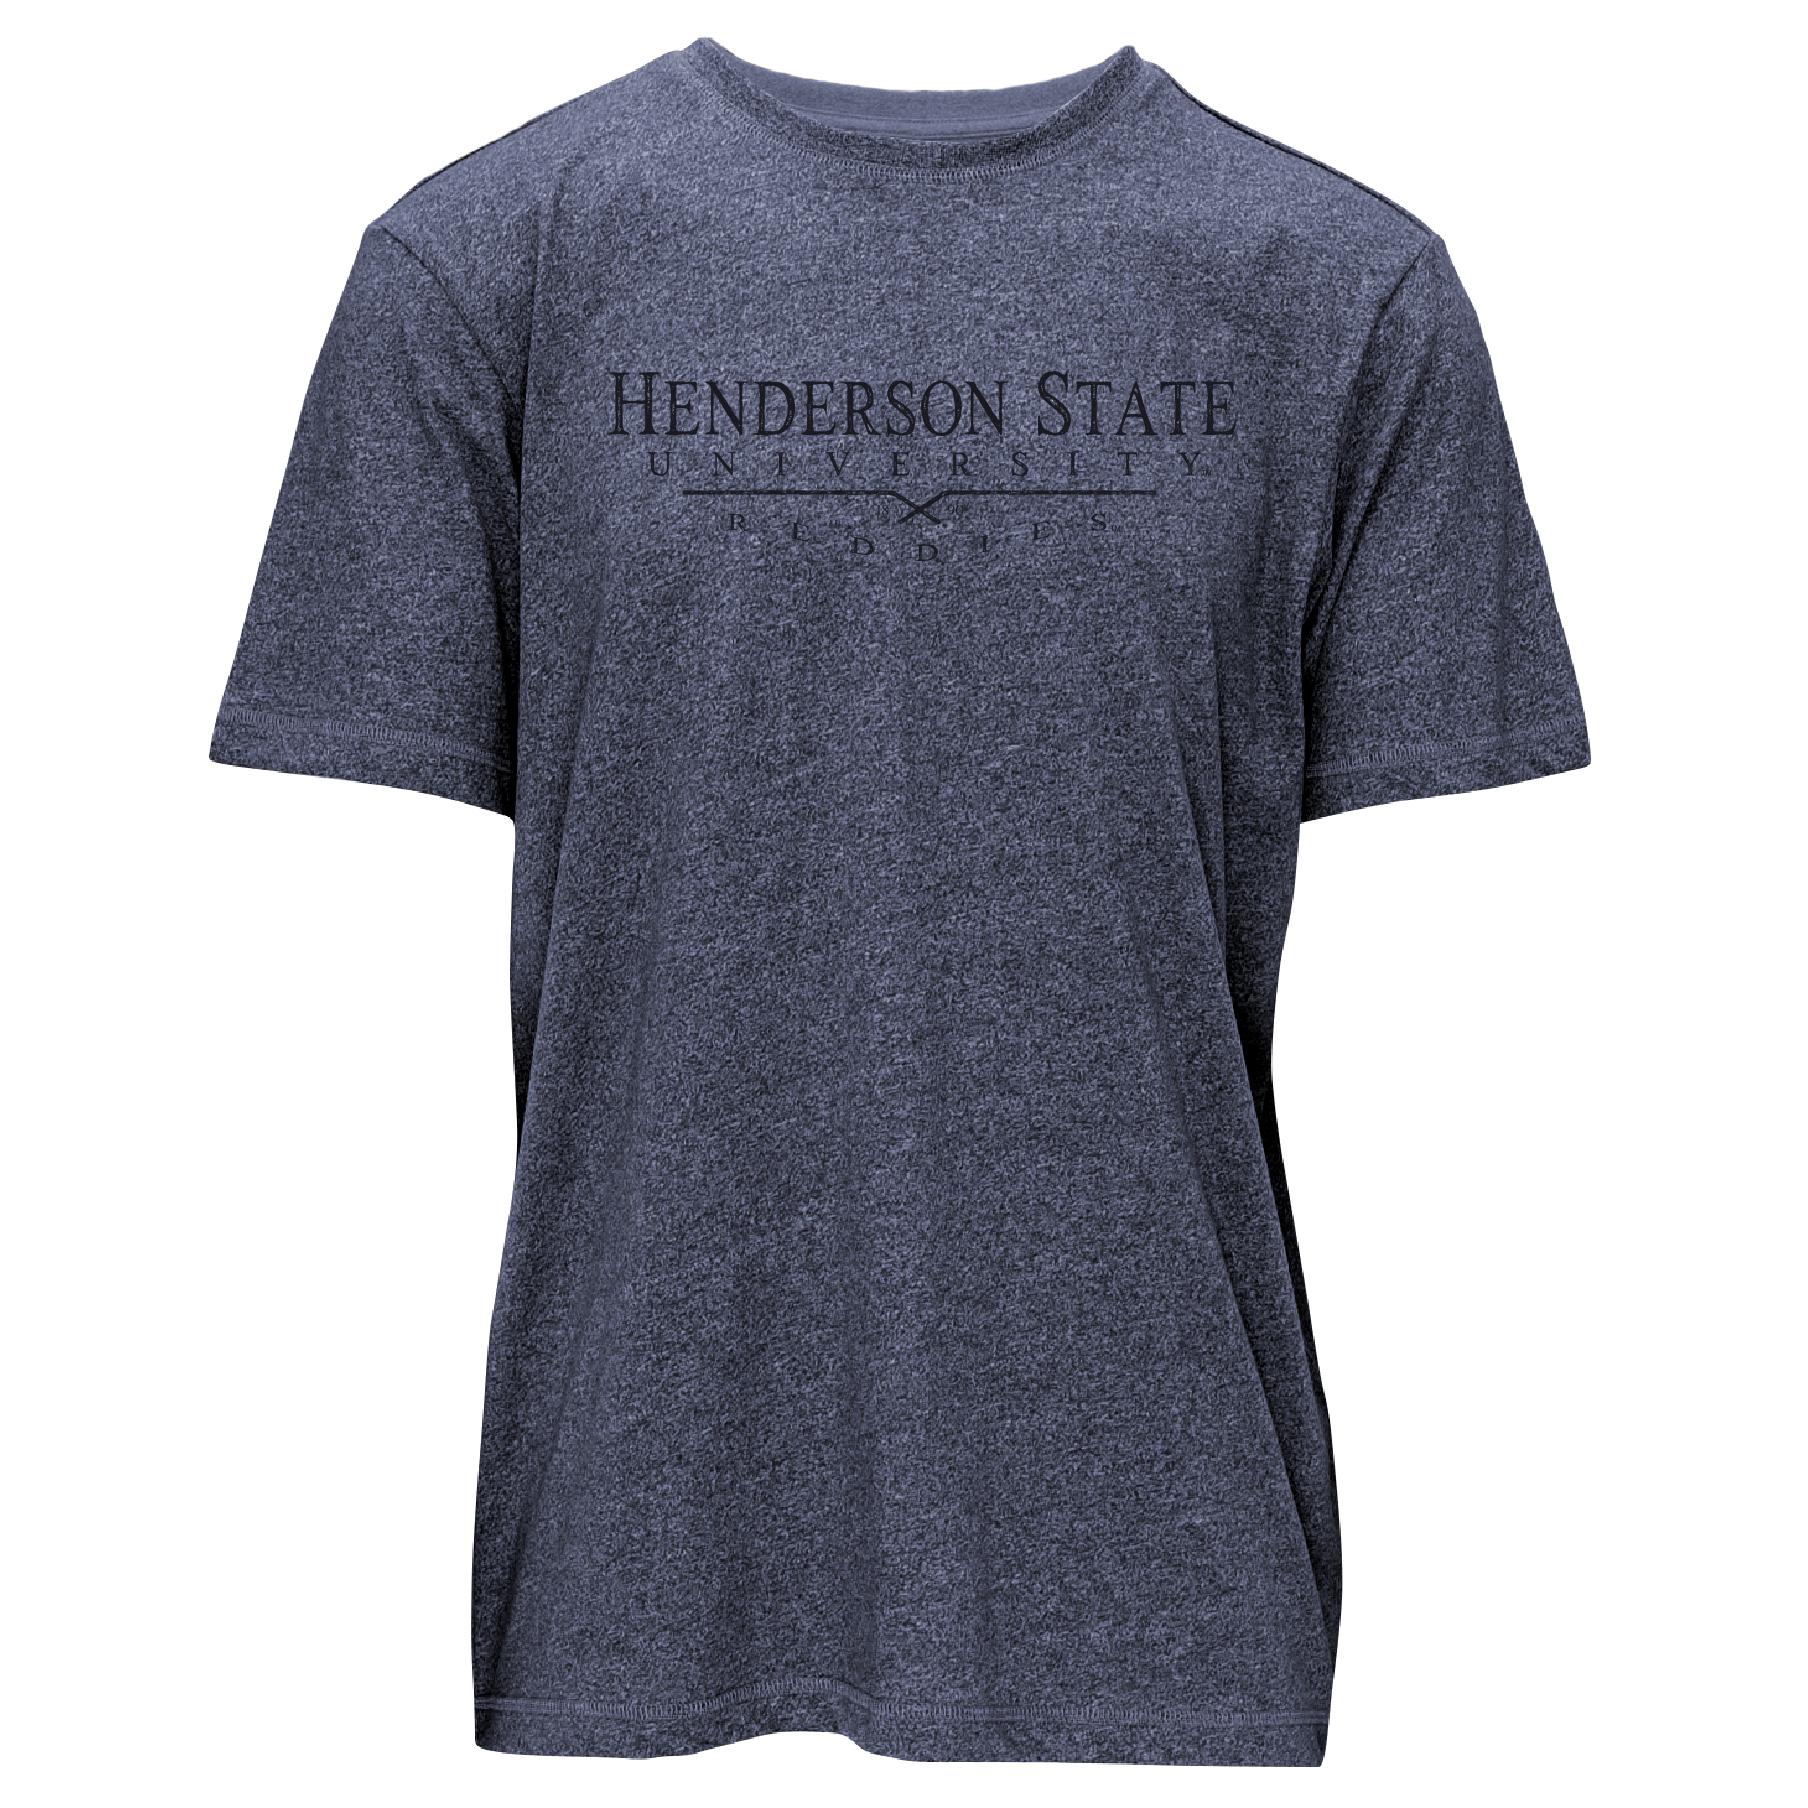 Henderson State University 1890 Reddies Comeback Tee